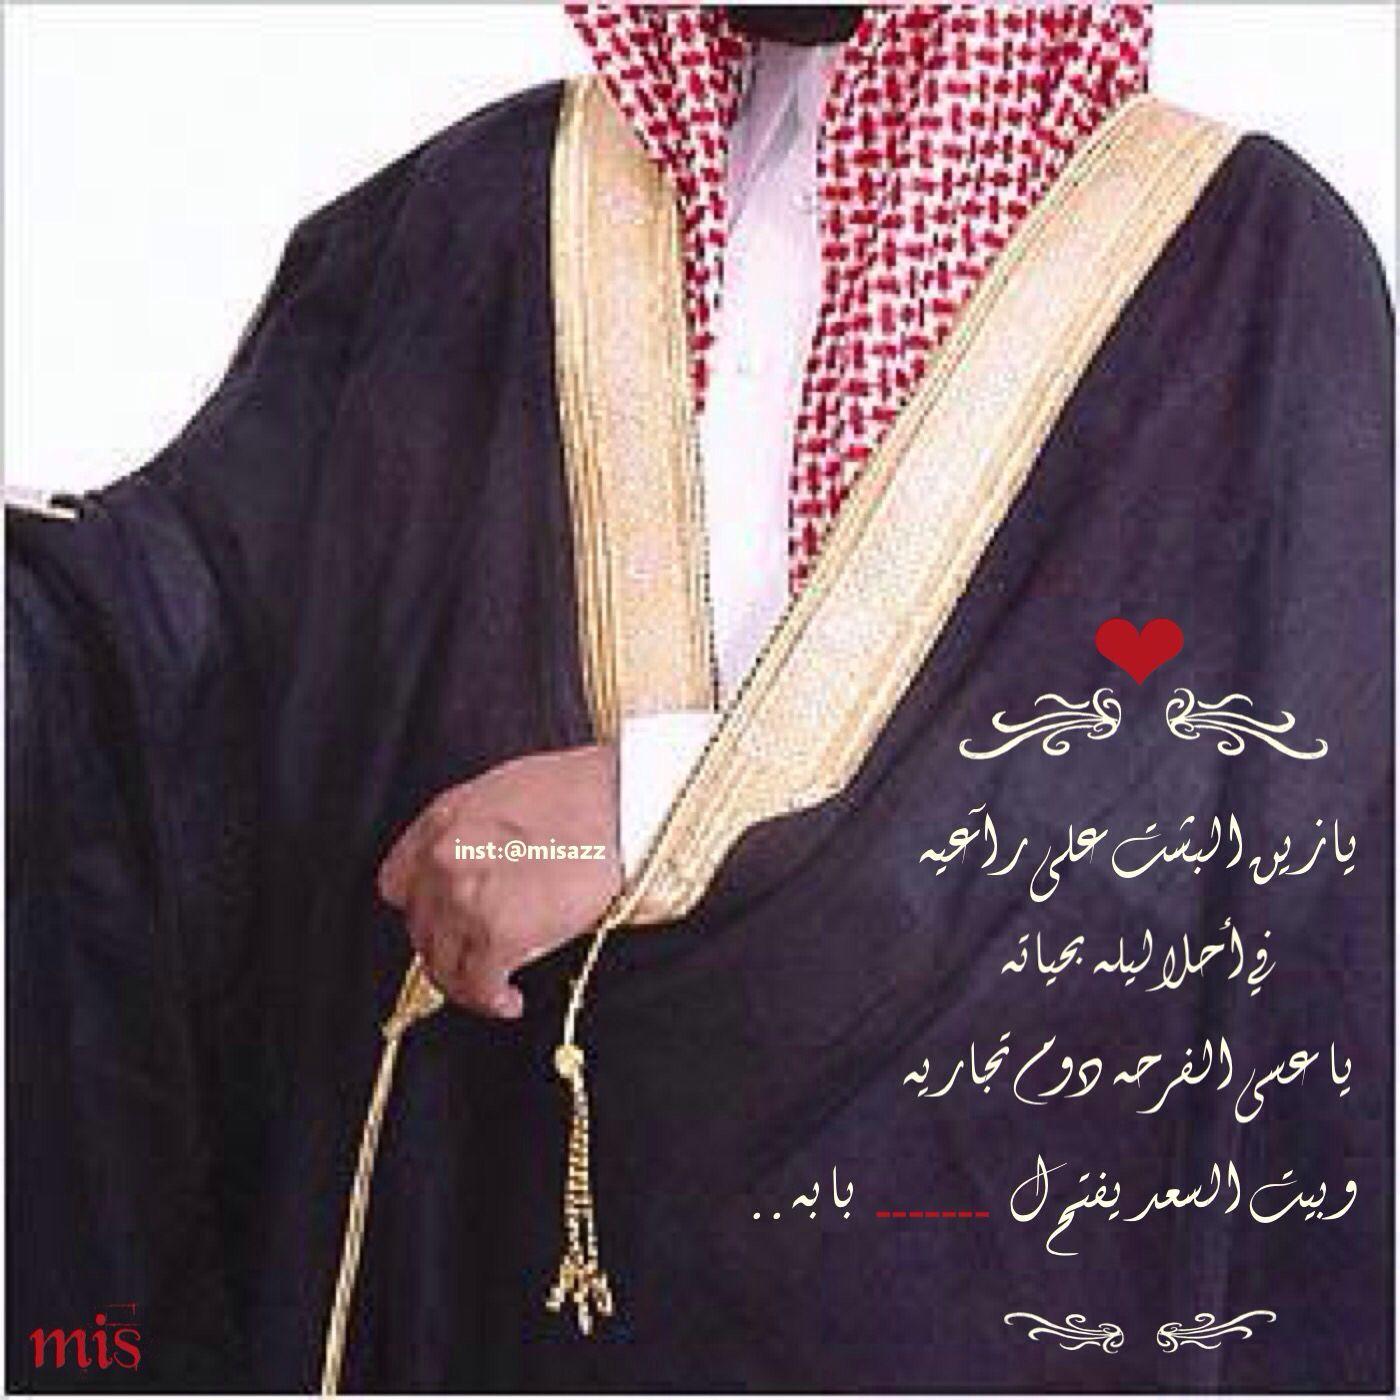 يازين البشت على راعيه زواج عريس Middle East Clothing Thobe Arab Wedding